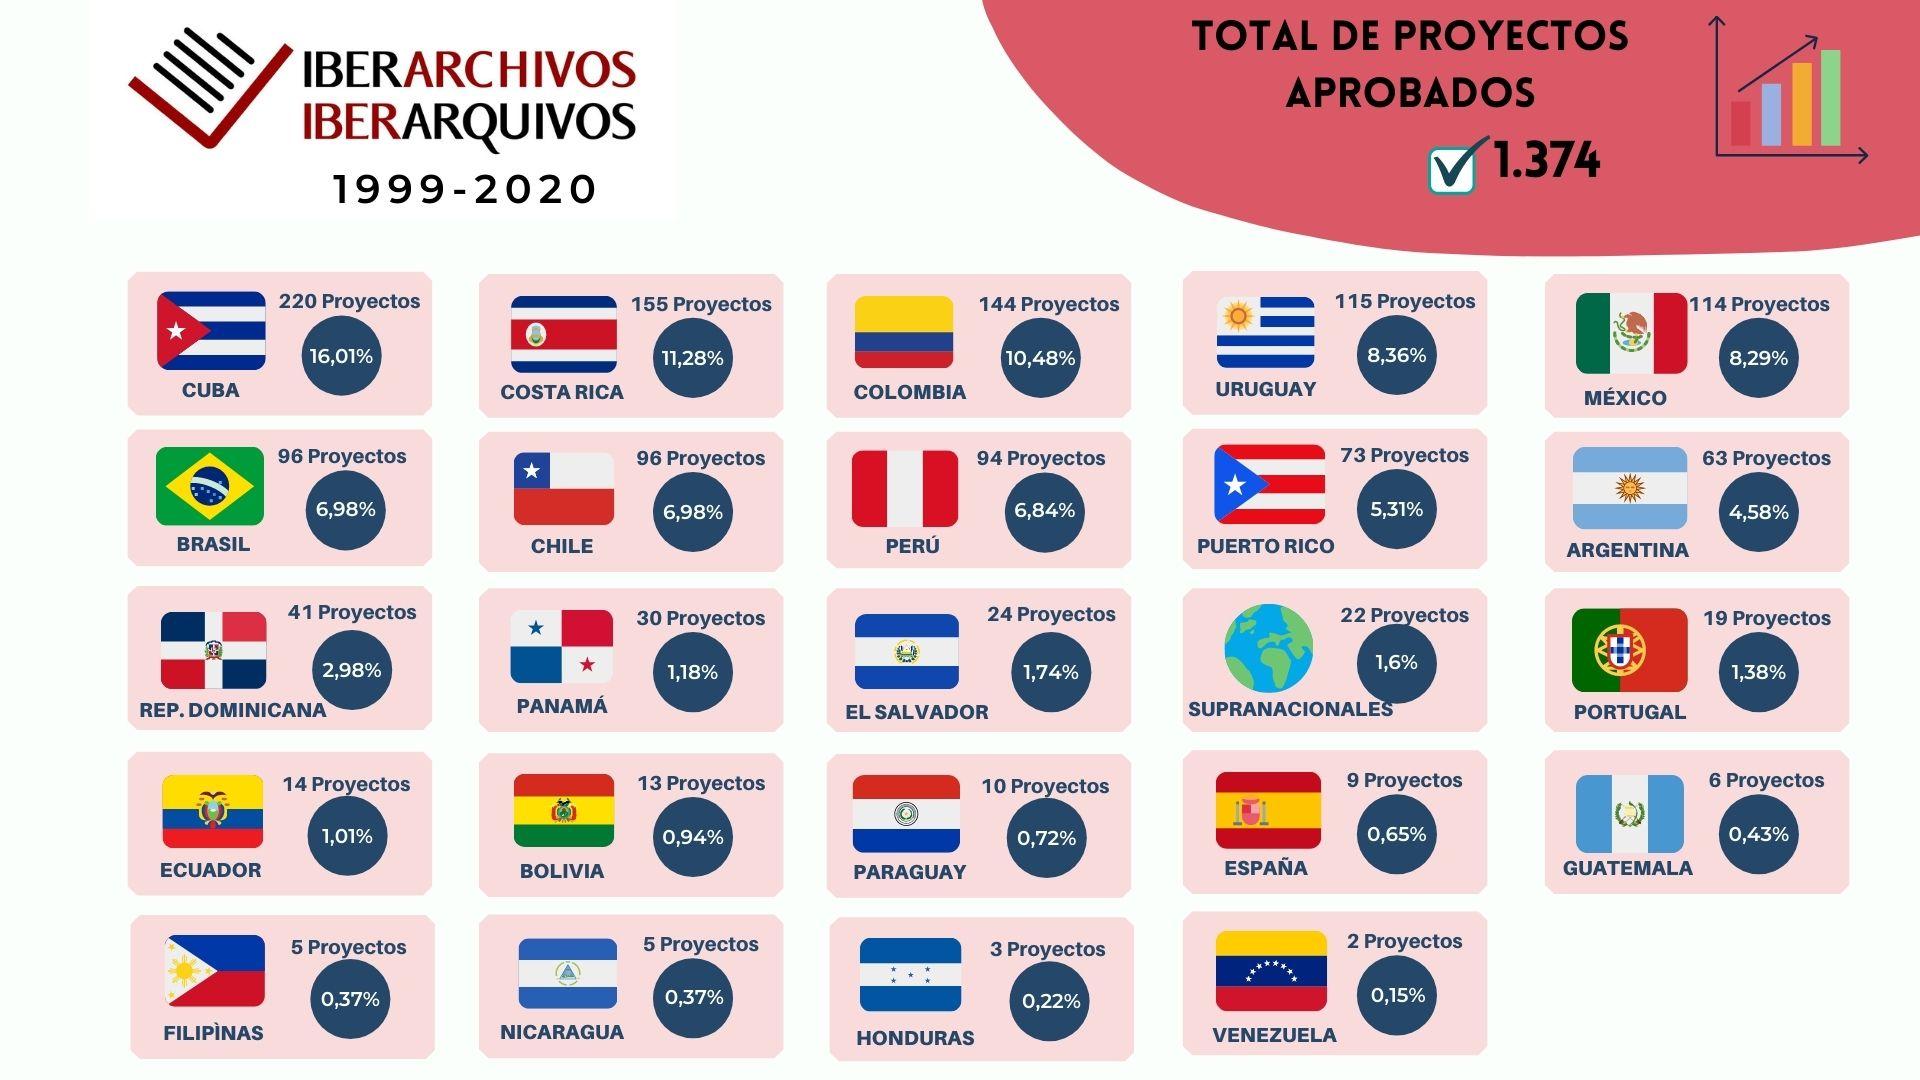 Proyectos aprobados por países a lo largo de toda la historia del Programa